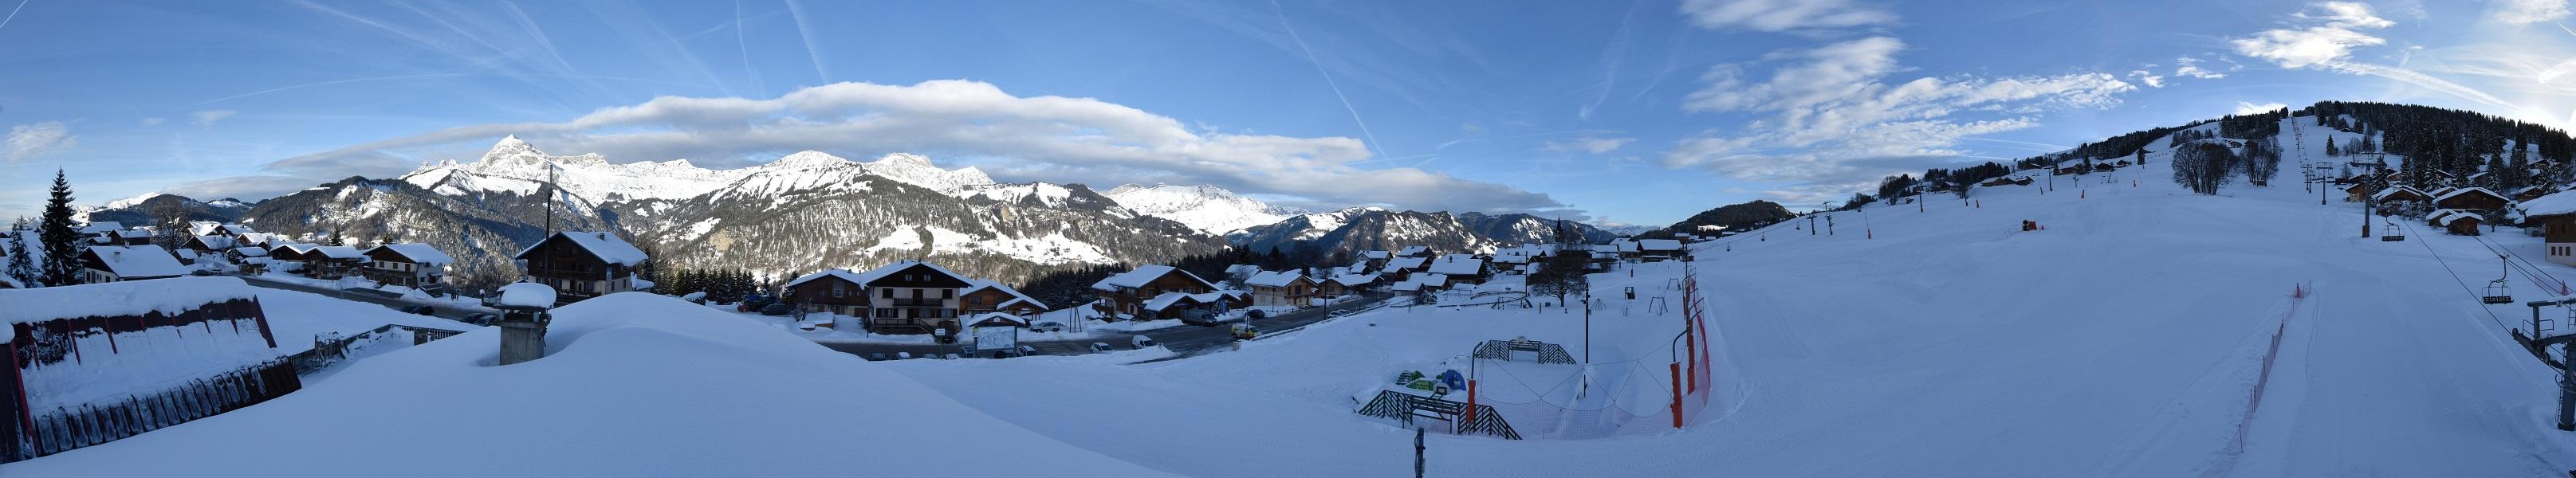 La webcam au pied de la Logère à Crest-Voland a été remplacée, offrant une vue panoramique de grande qualité